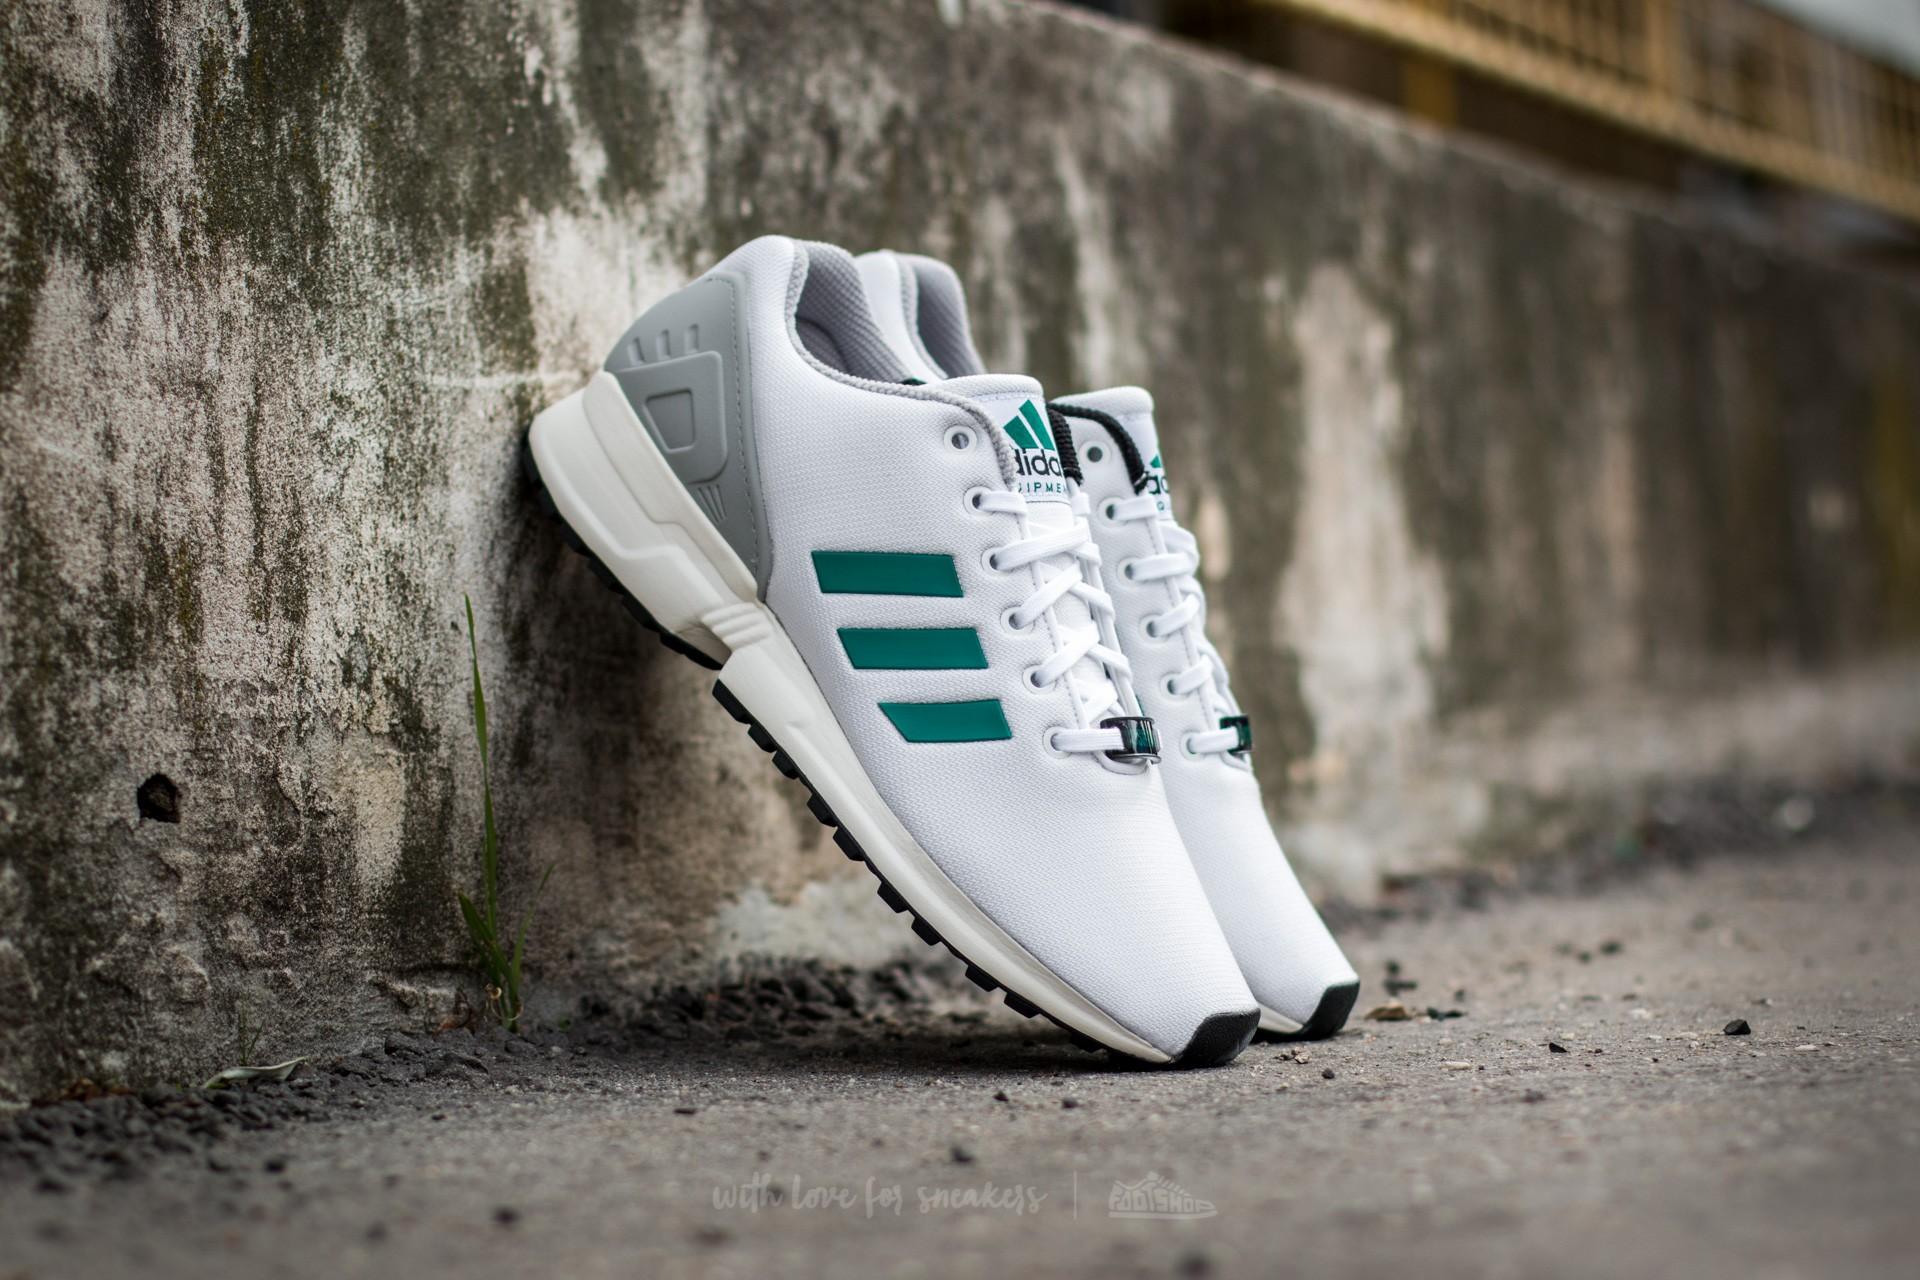 hot sales ee0f1 cbe3d adidas ZX Flux Ftw White/ Sub Green/Chalk White | Footshop